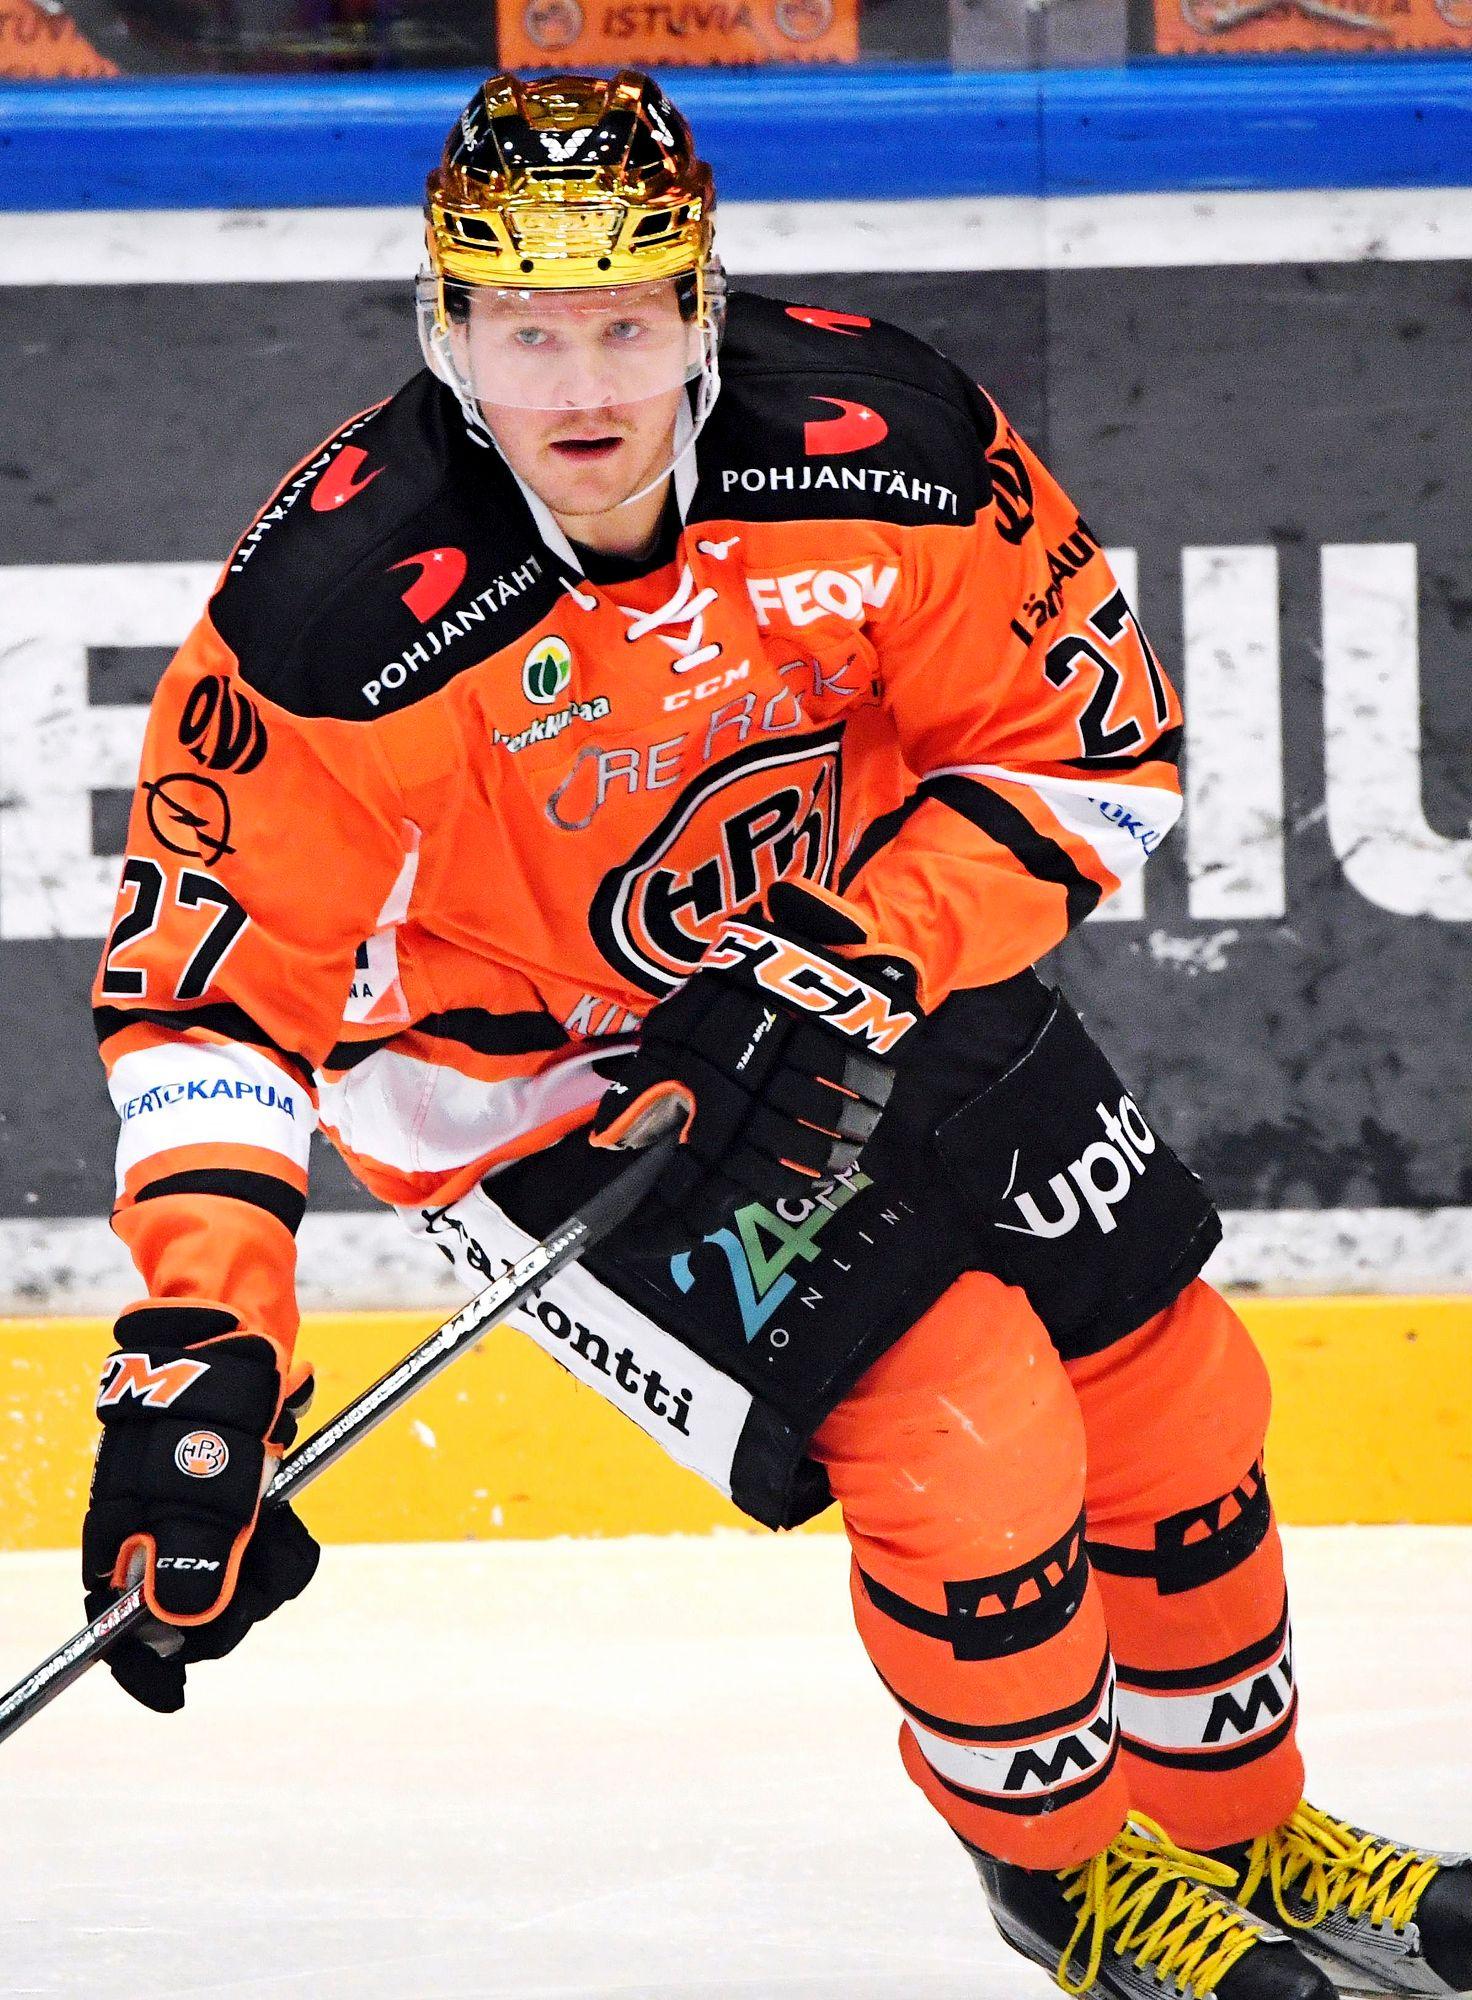 36-vuotias Petri Kontiola voitti Liigan pistepörssin ja valittiin sarjan parhaaksi pelaajaksi. © Jussi Nukari/Lehtikuva